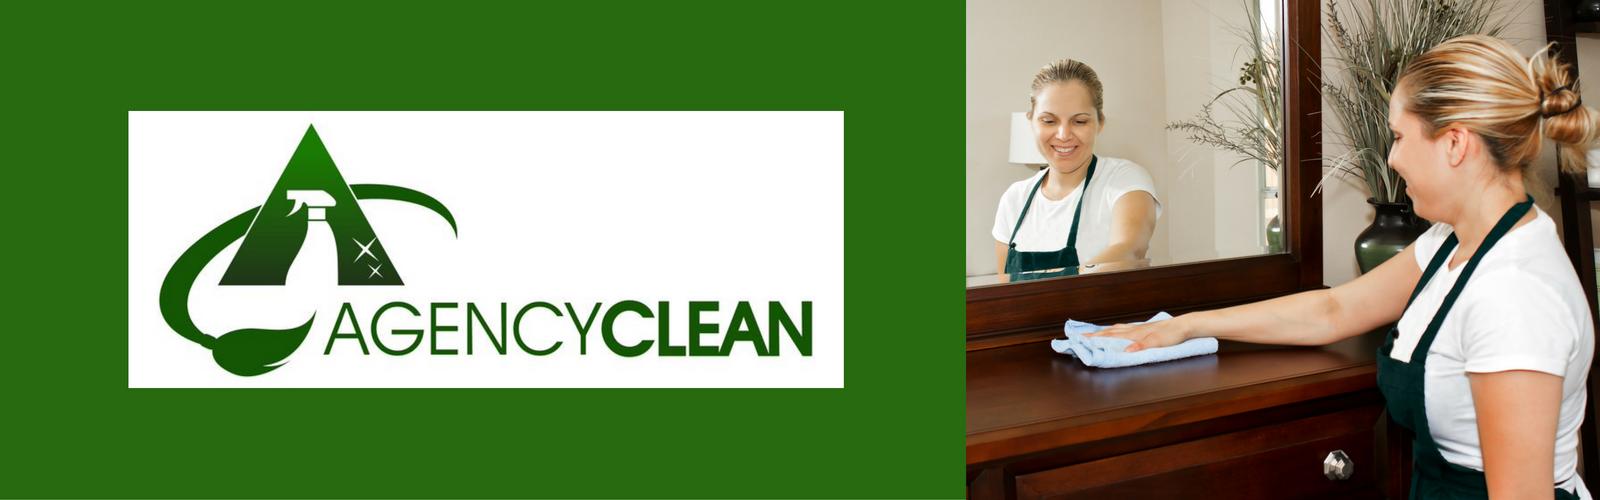 agency clean